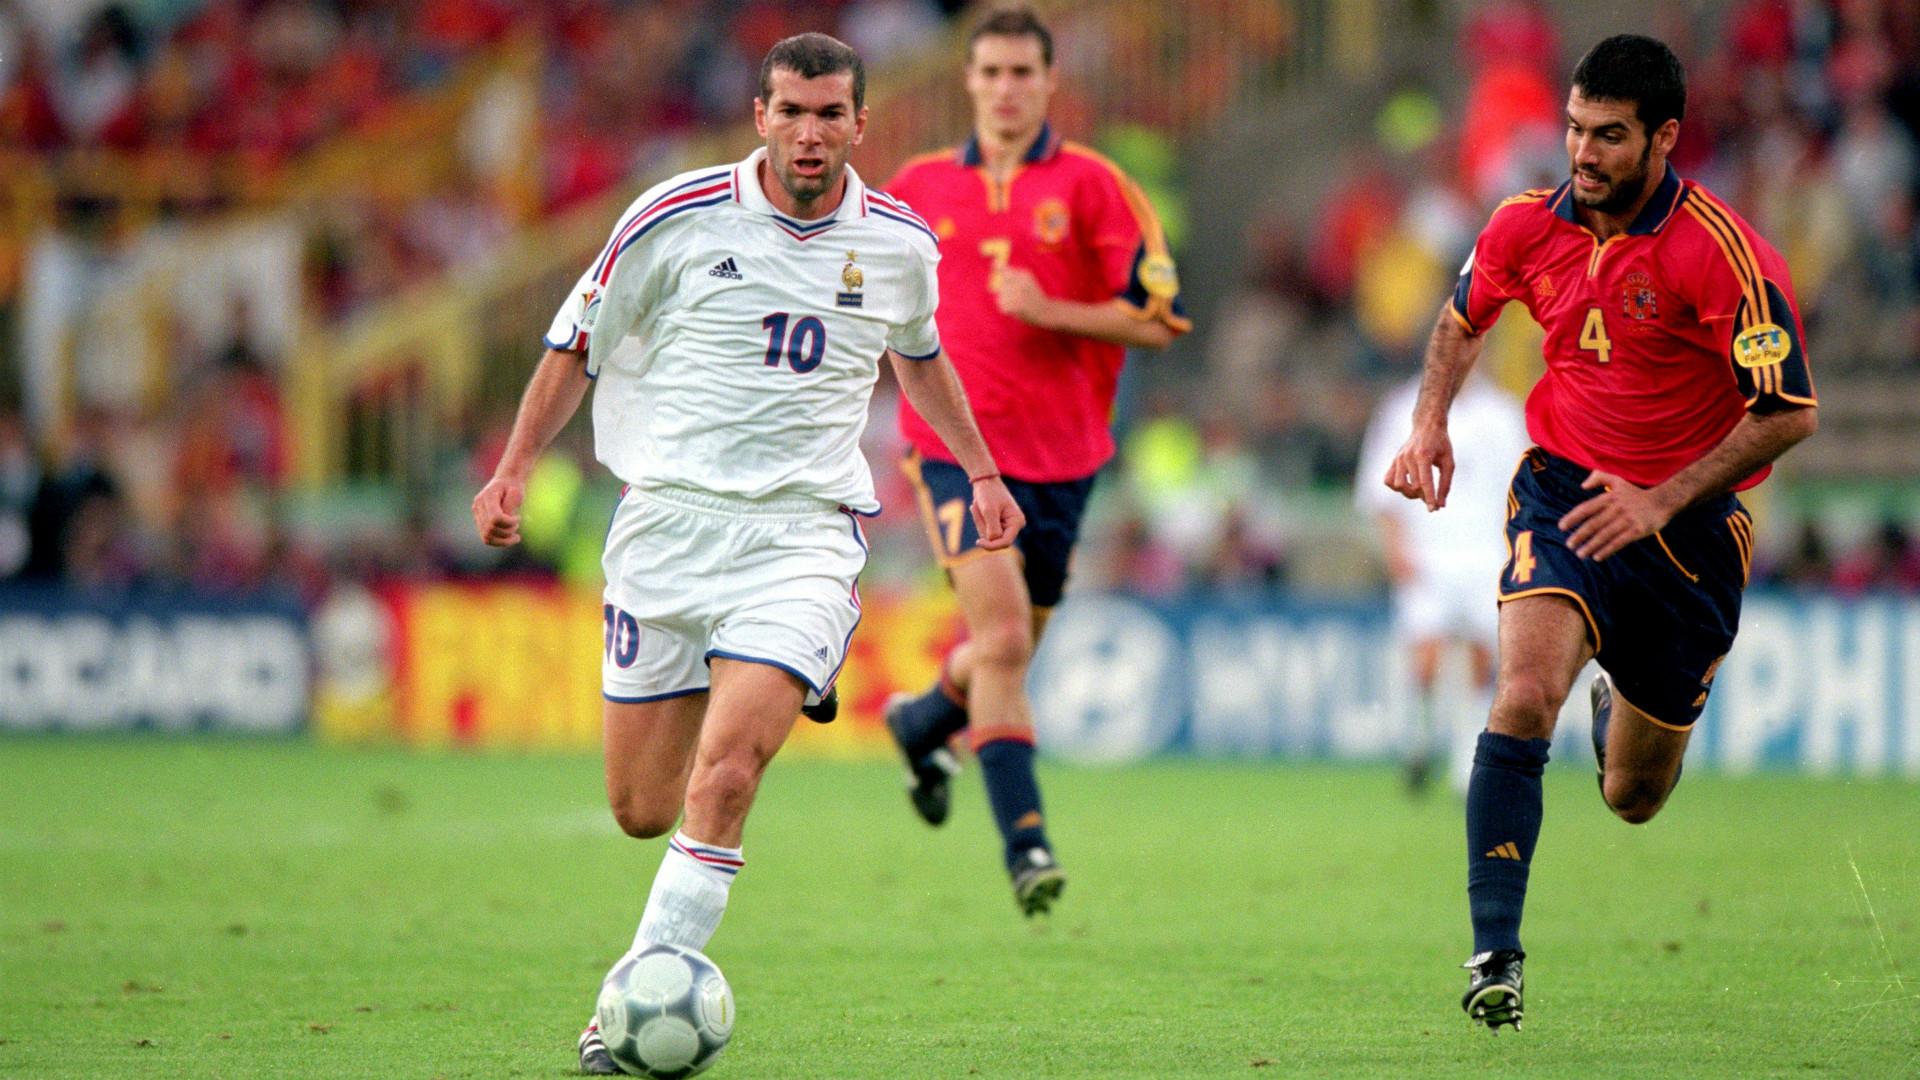 Zidane, Guardiola, España, Francia, Spain Euro 2000